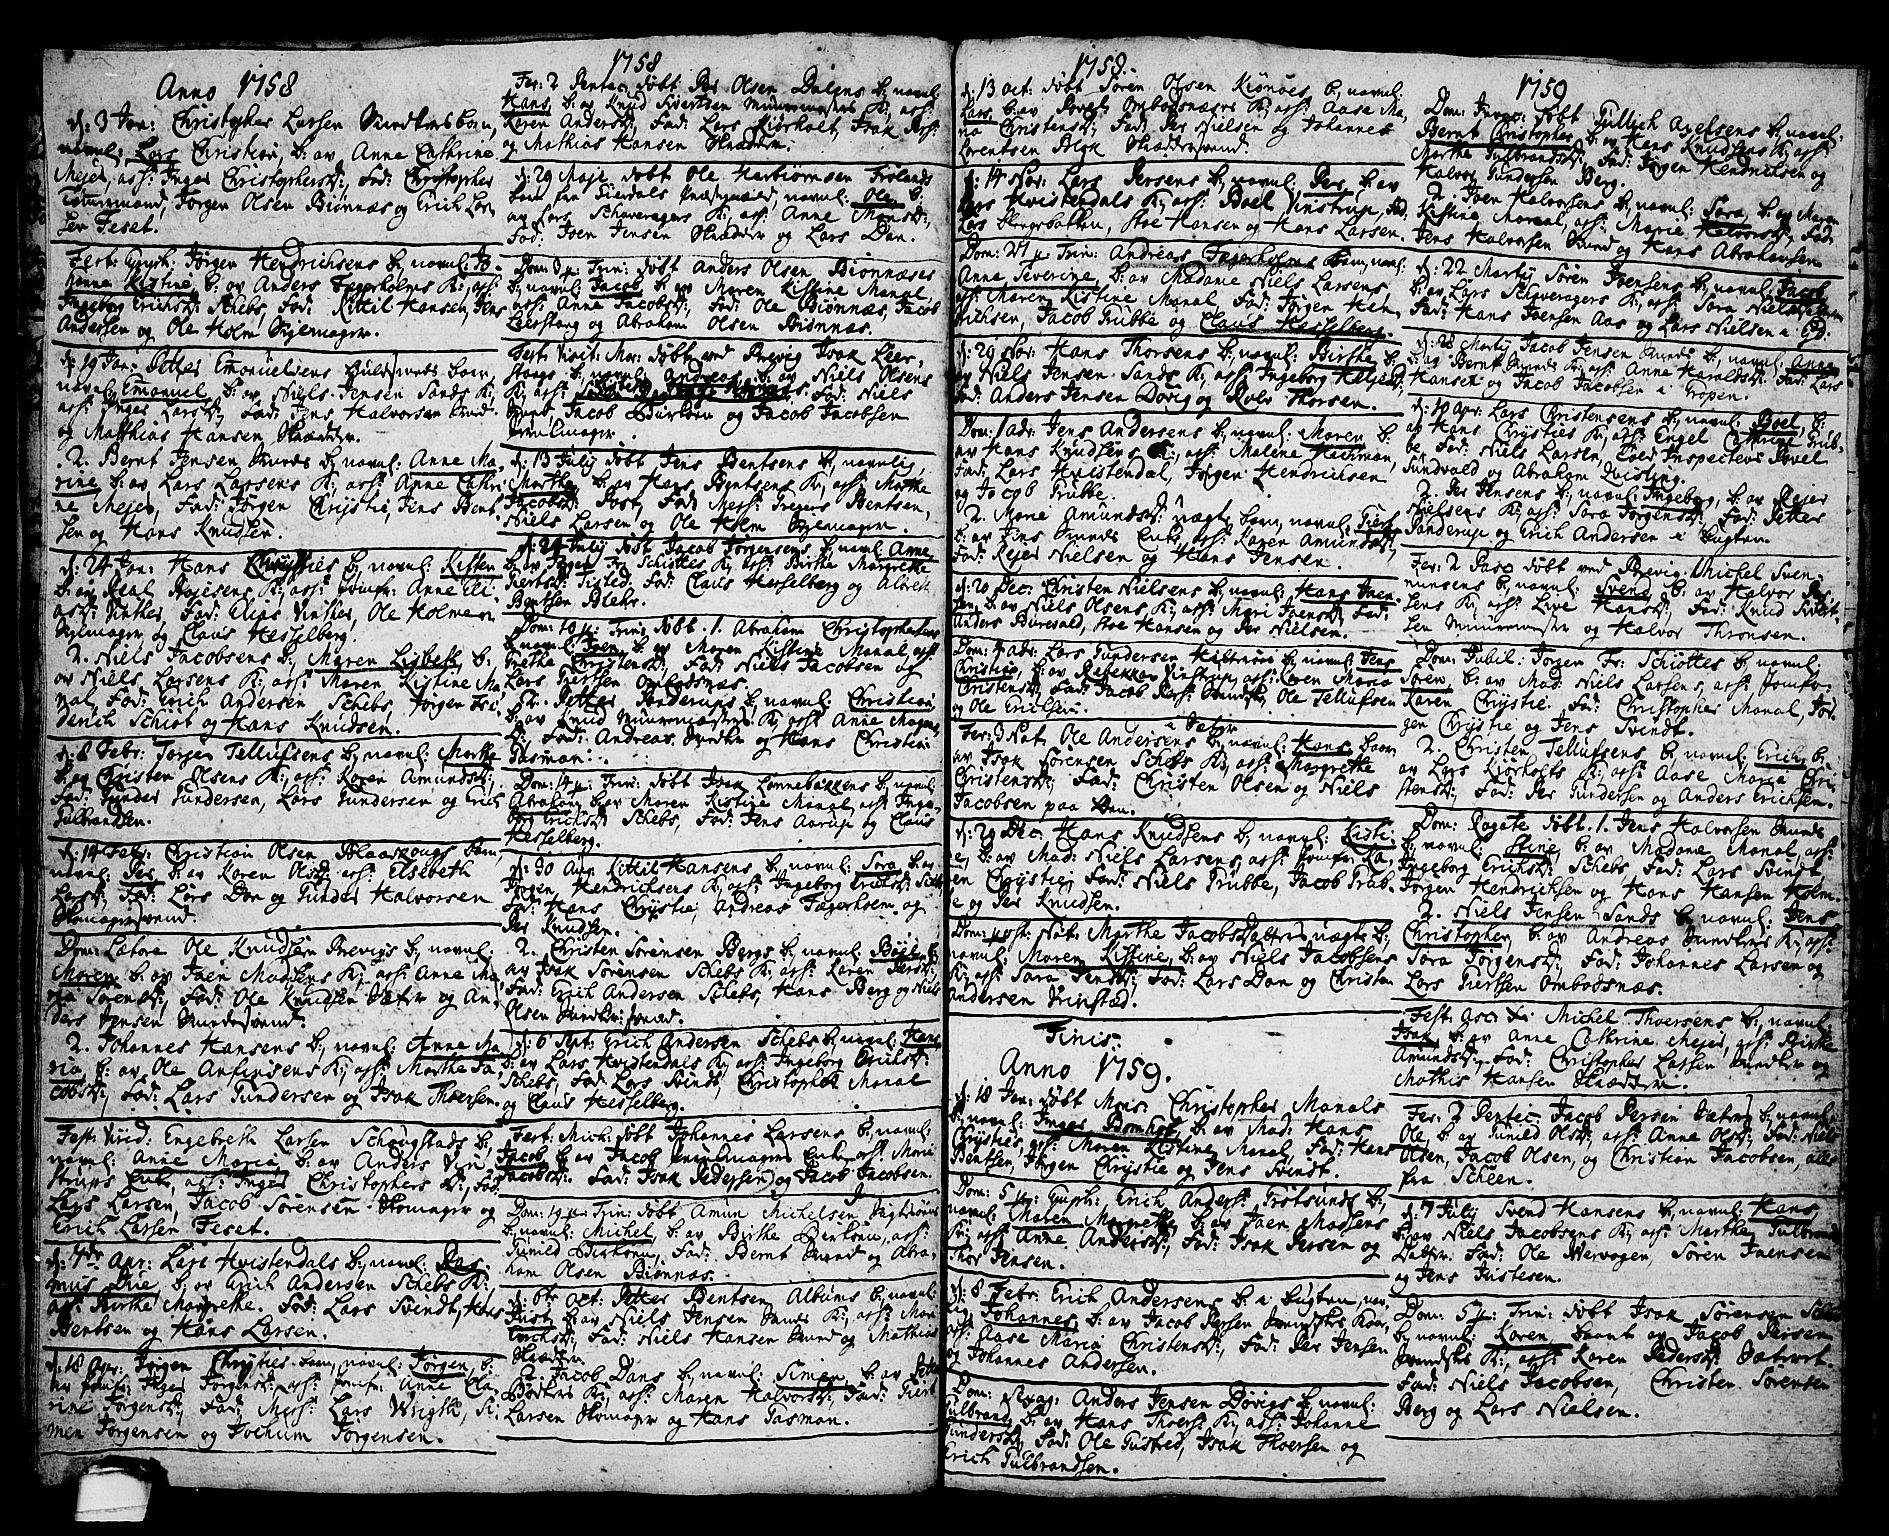 SAKO, Brevik kirkebøker, F/Fa/L0002: Ministerialbok nr. 2, 1720-1764, s. 35f